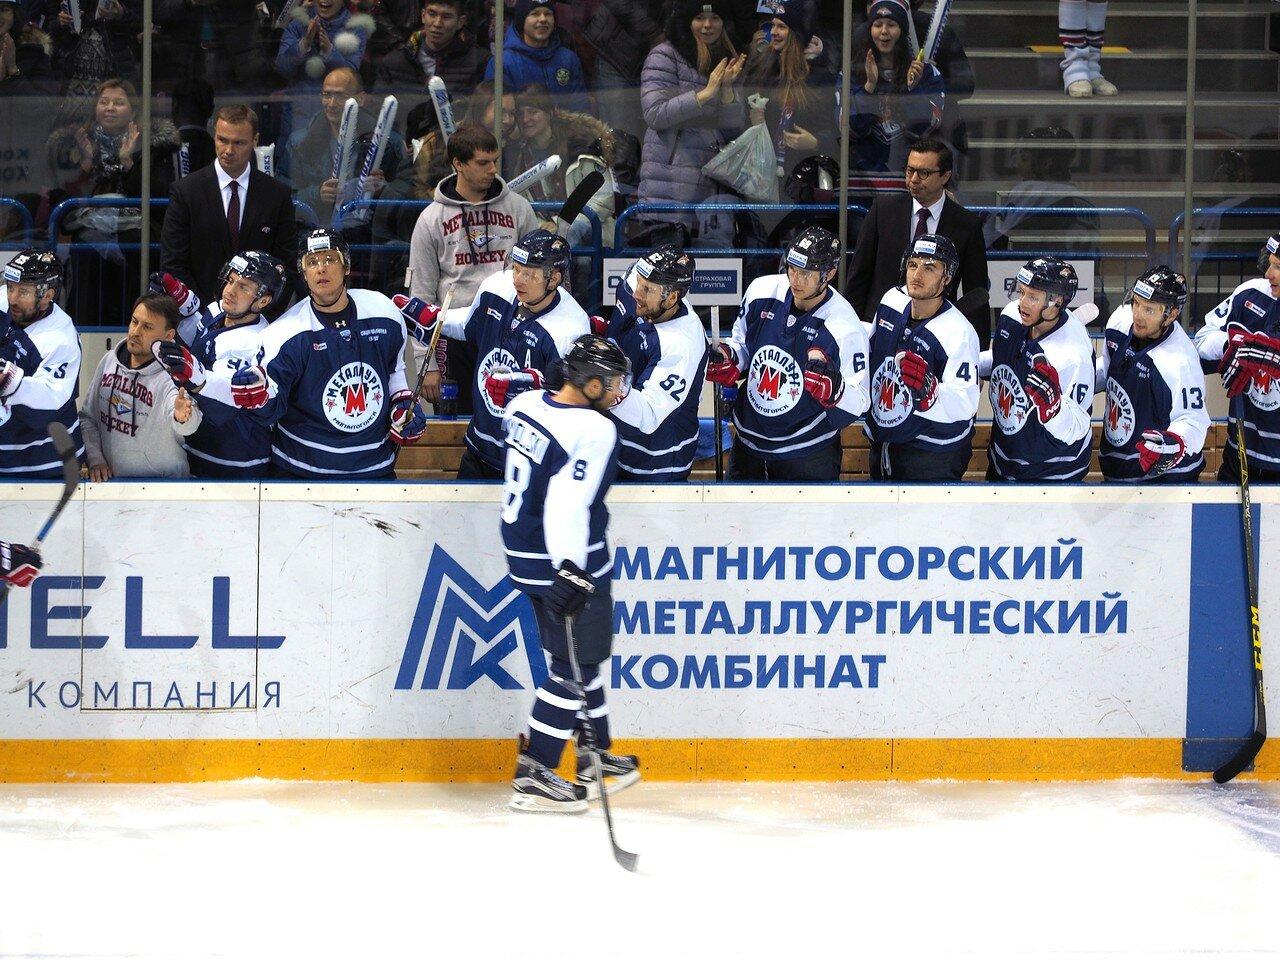 41Металлург - Динамо Москва 28.12.2015